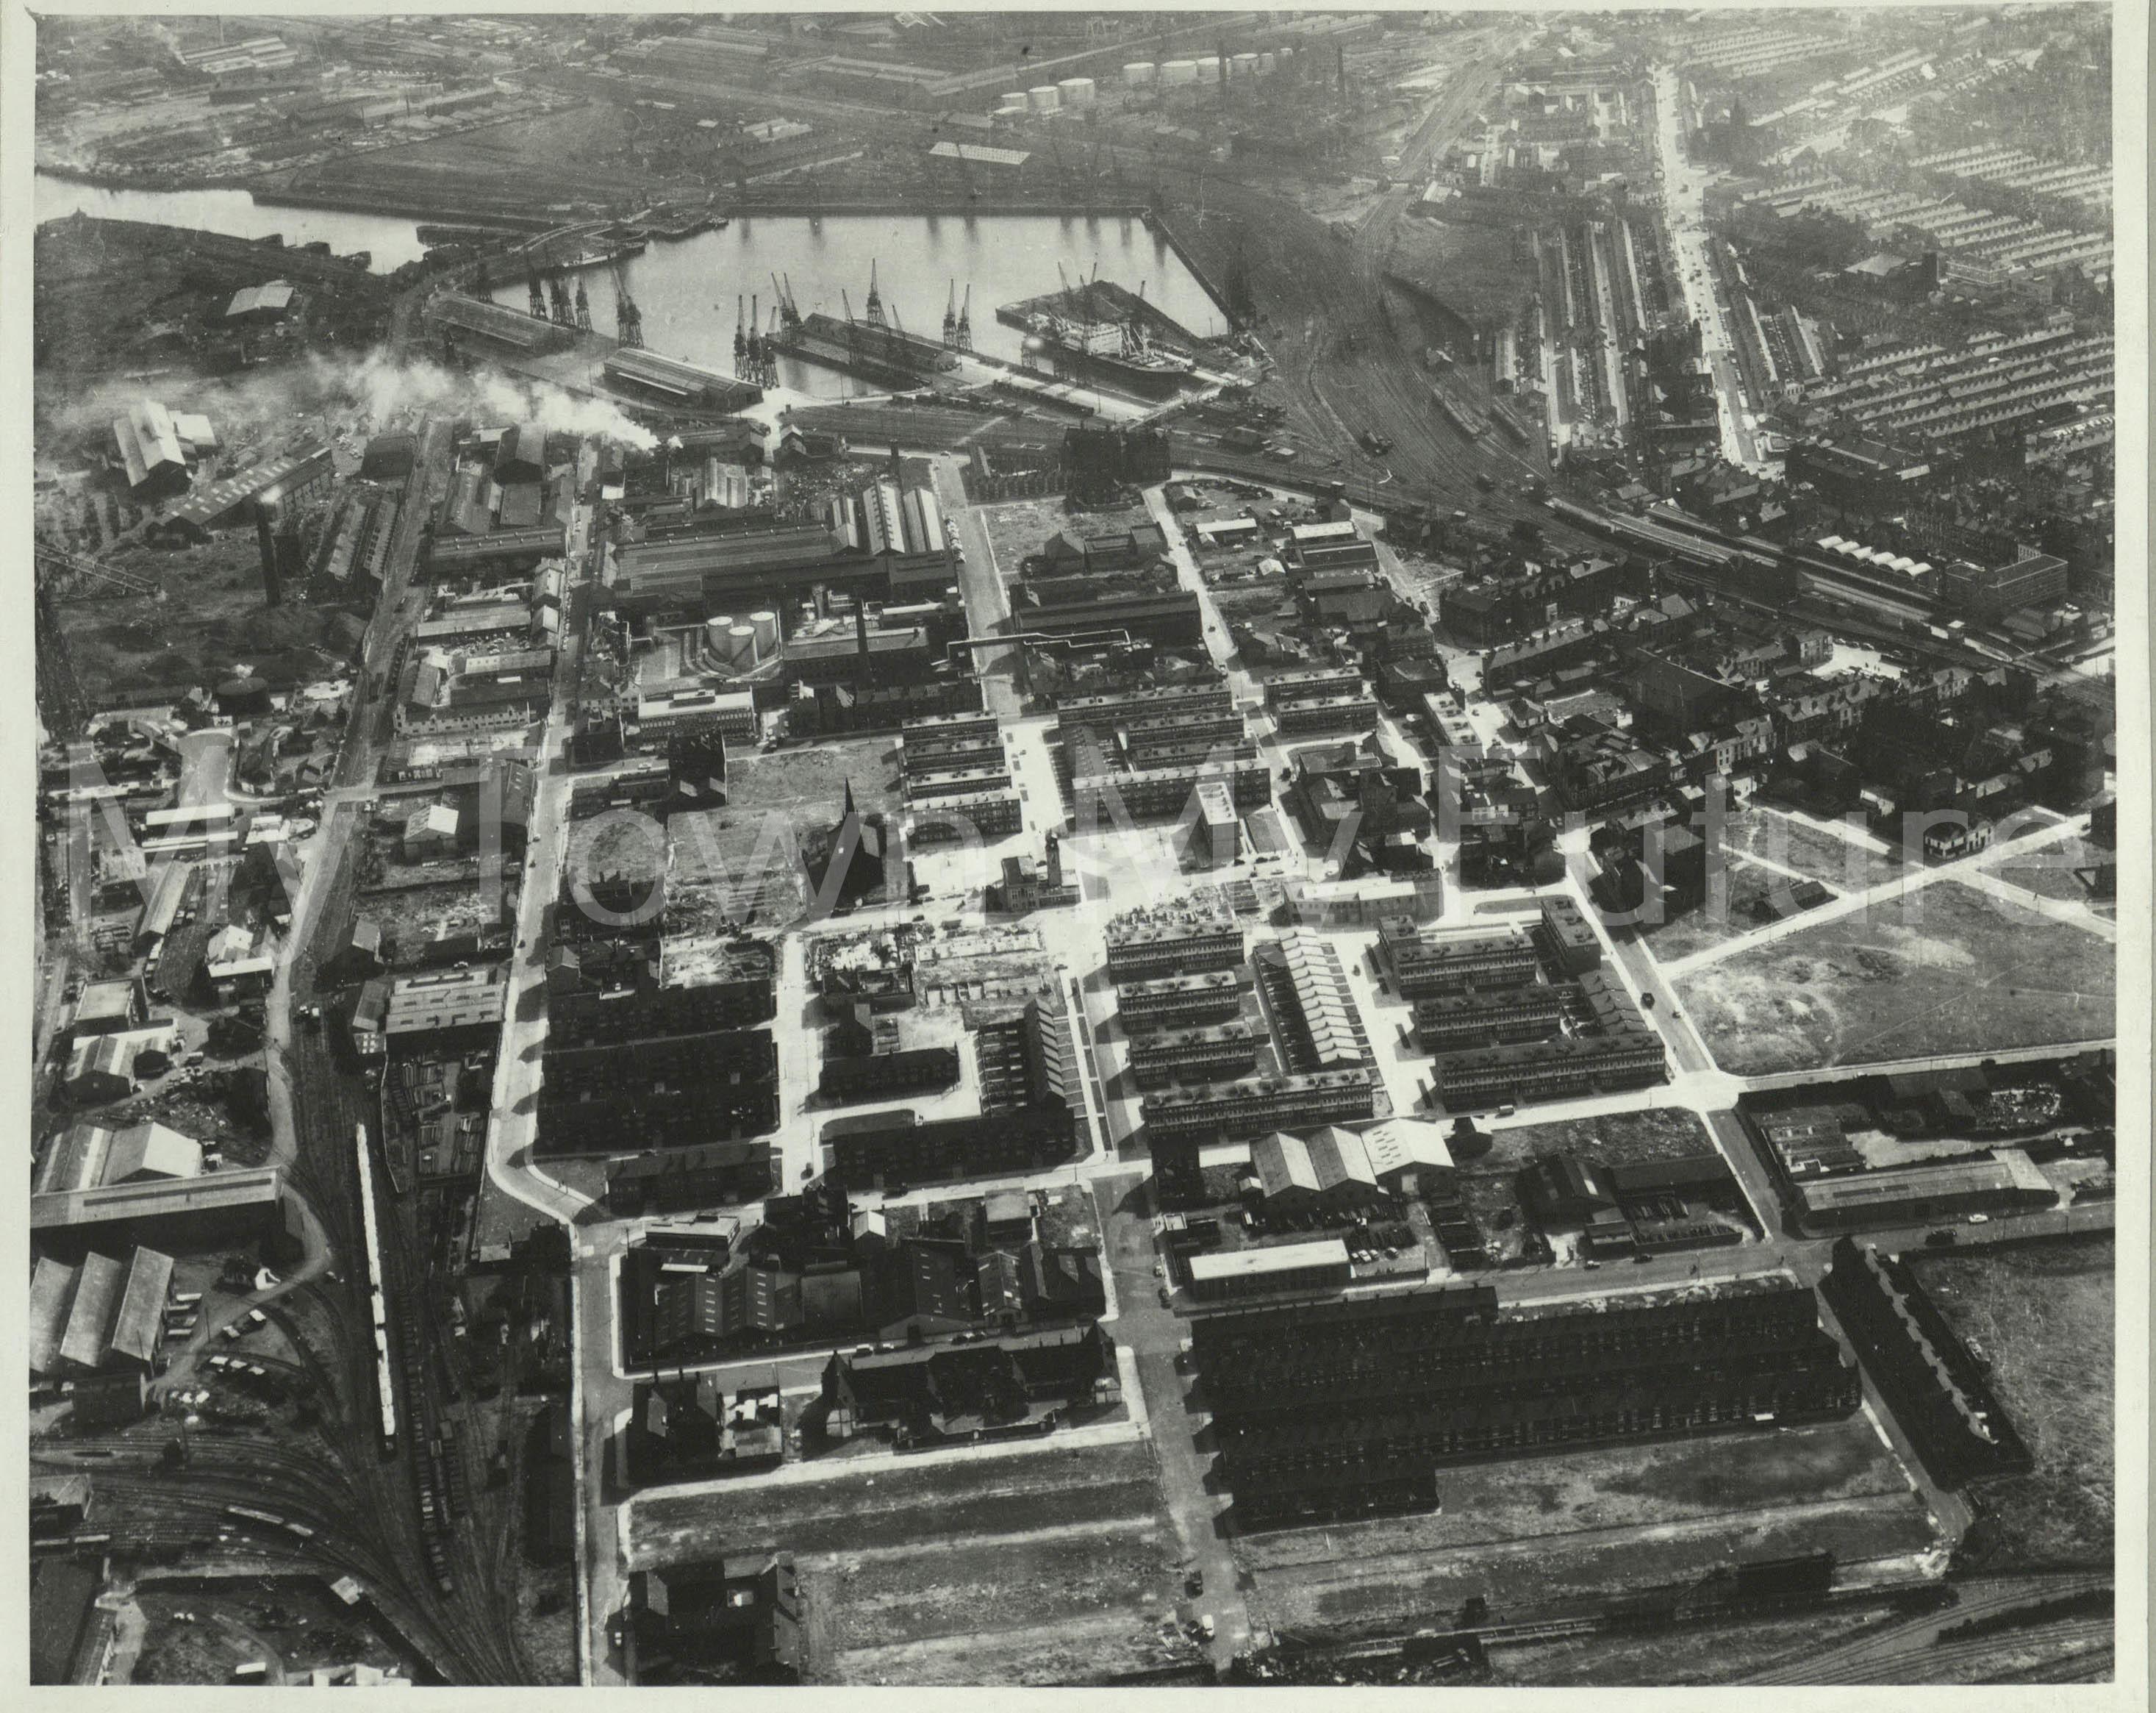 Middlesbrough St Hilda's & Docks 1963